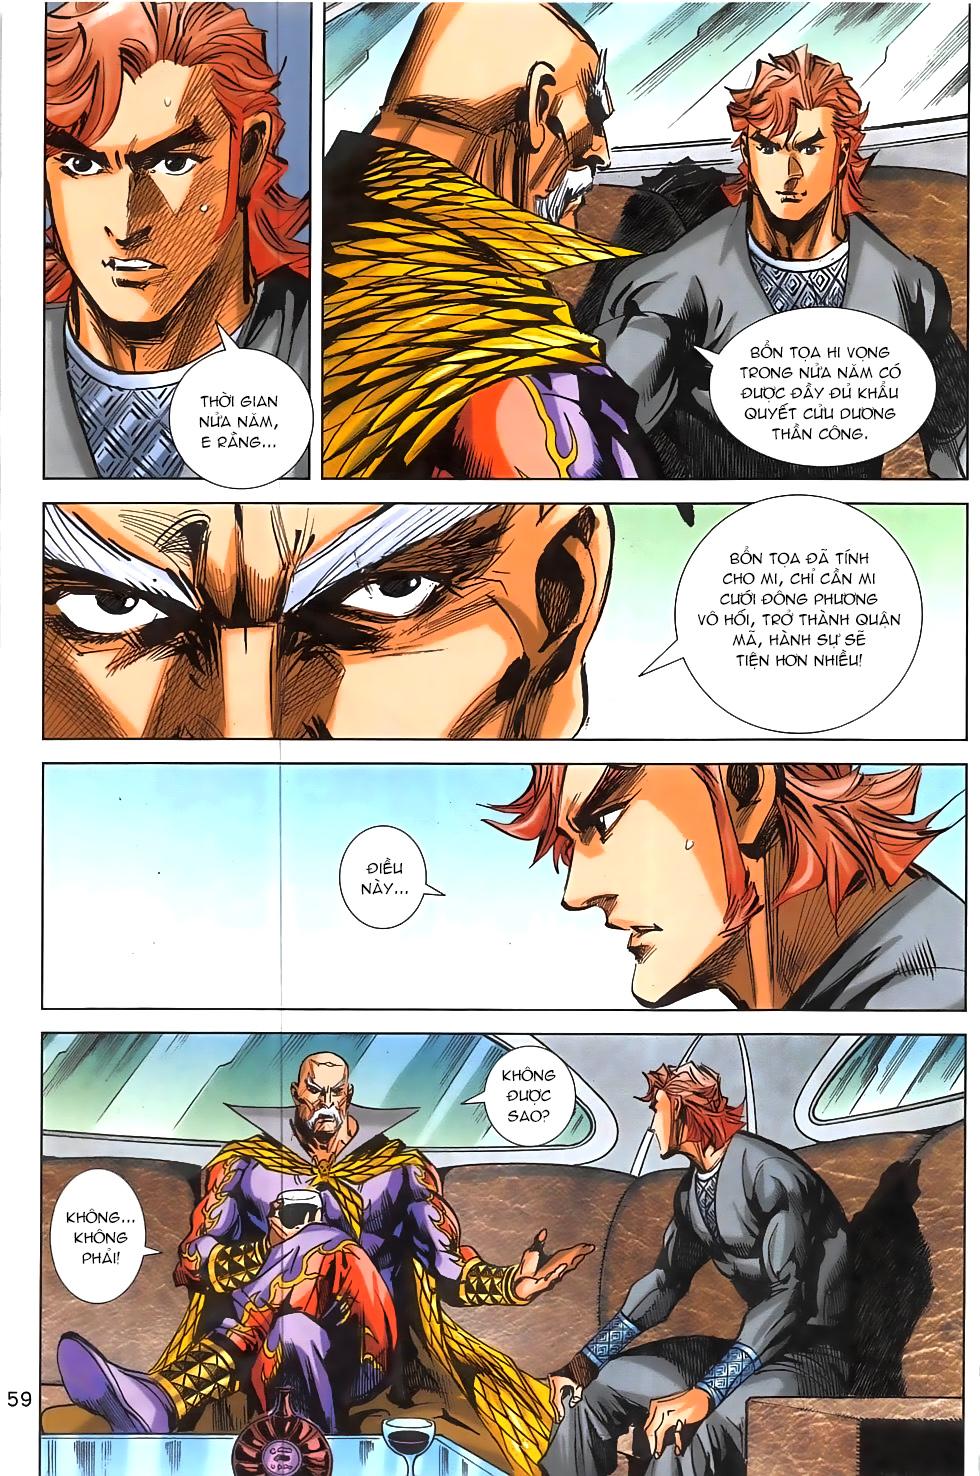 Hoàng Giả Chi Lộ chap 12.2 Trang 31 - Mangak.info